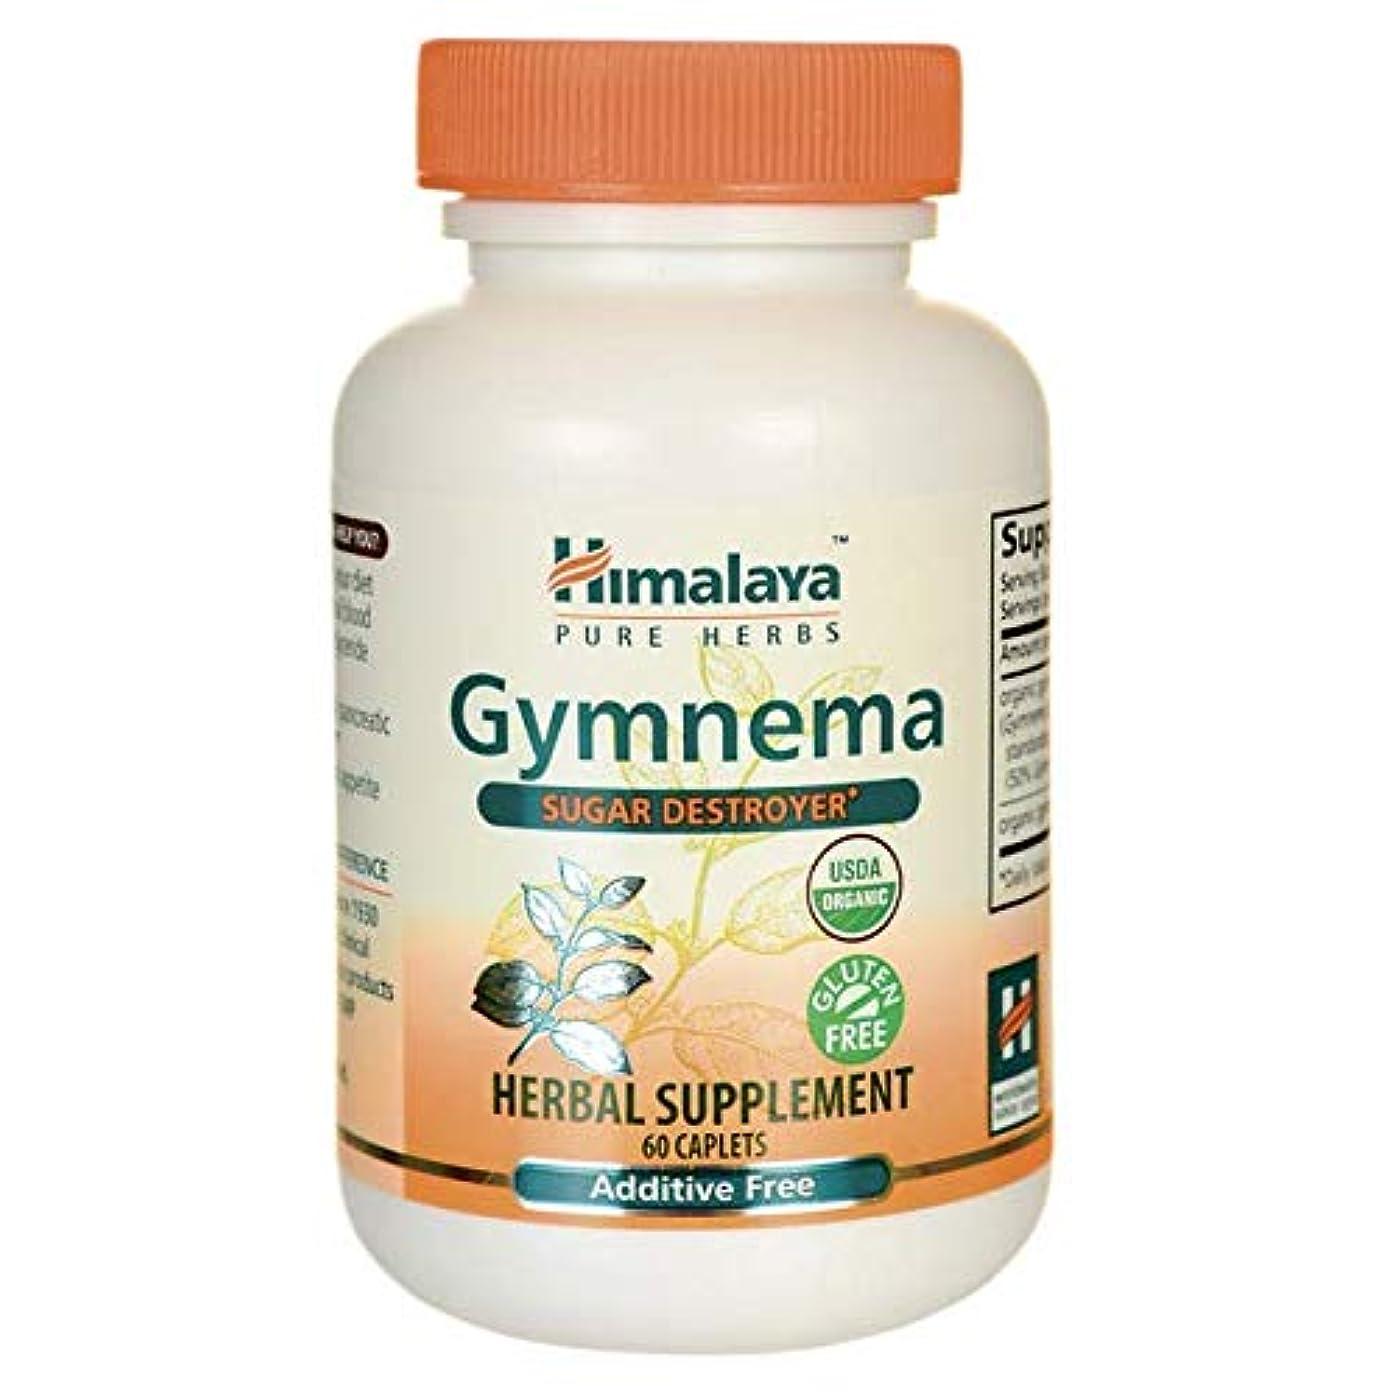 とげのある承認する排除Gymnema 60